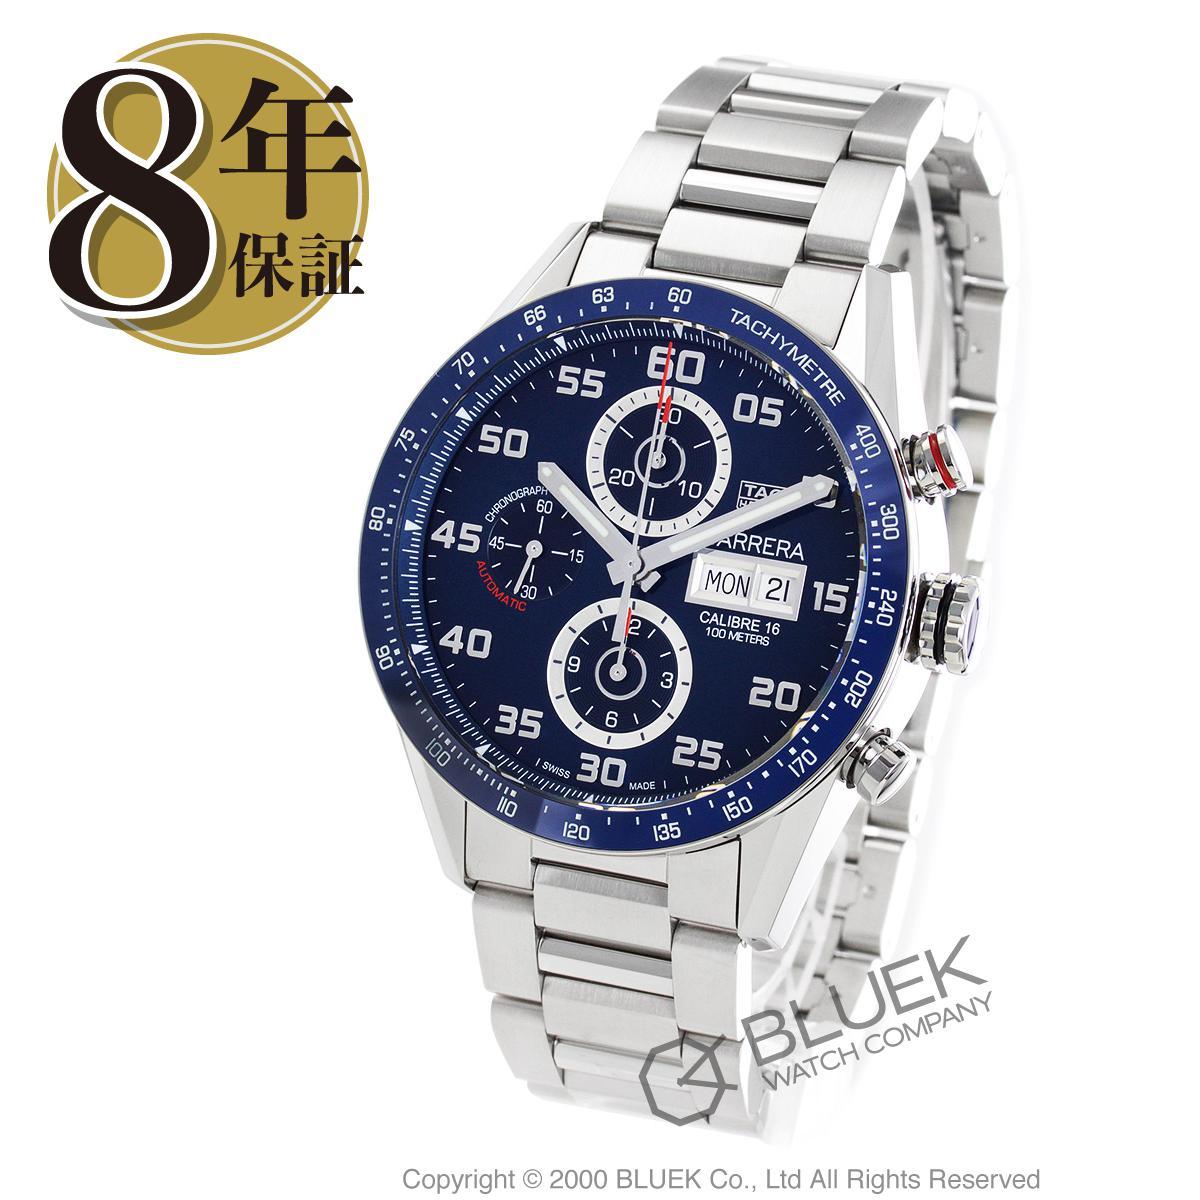 タグホイヤー カレラ クロノグラフ 腕時計 メンズ TAG Heuer CV2A1V.BA0738_8 バーゲン 成人祝い ギフト プレゼント